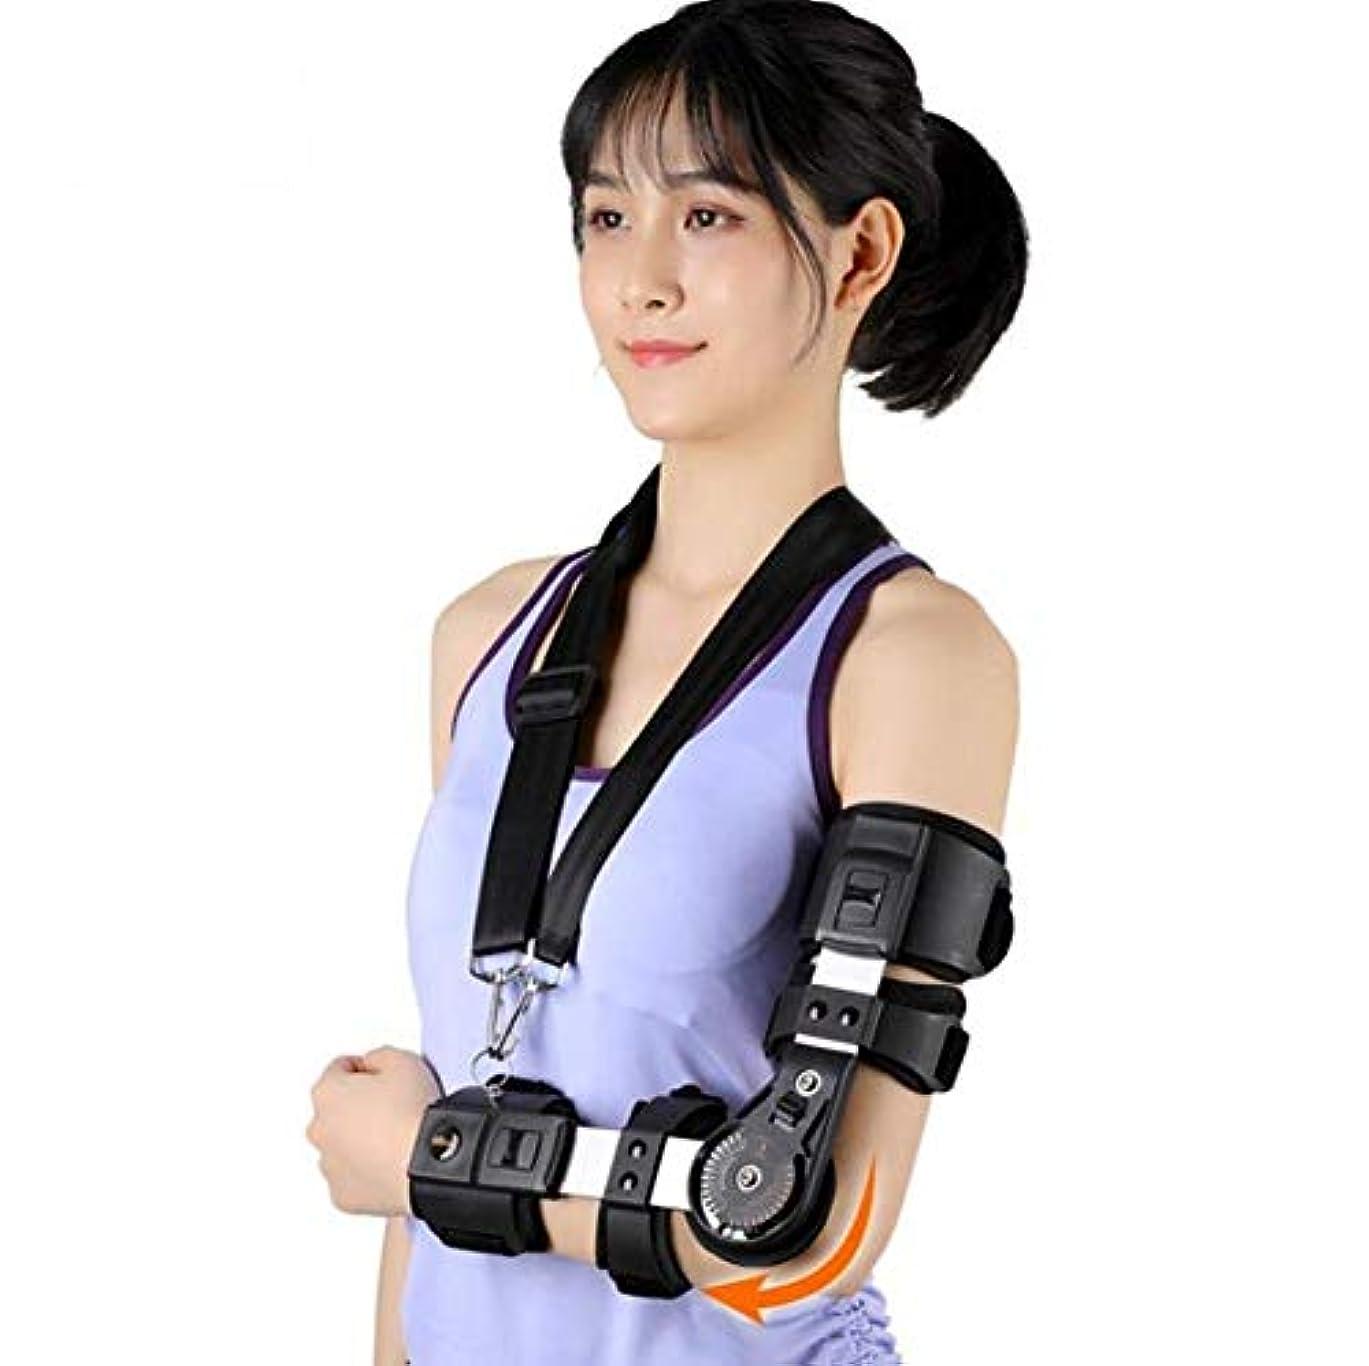 永久に提案する一致ヒンジ付きエルボーブレース、スリング付き、調整可能なエルボースプリントブレースアームイモビライザー、術後腕損傷回復用エルボスリングショルダーイモビライザー,Left